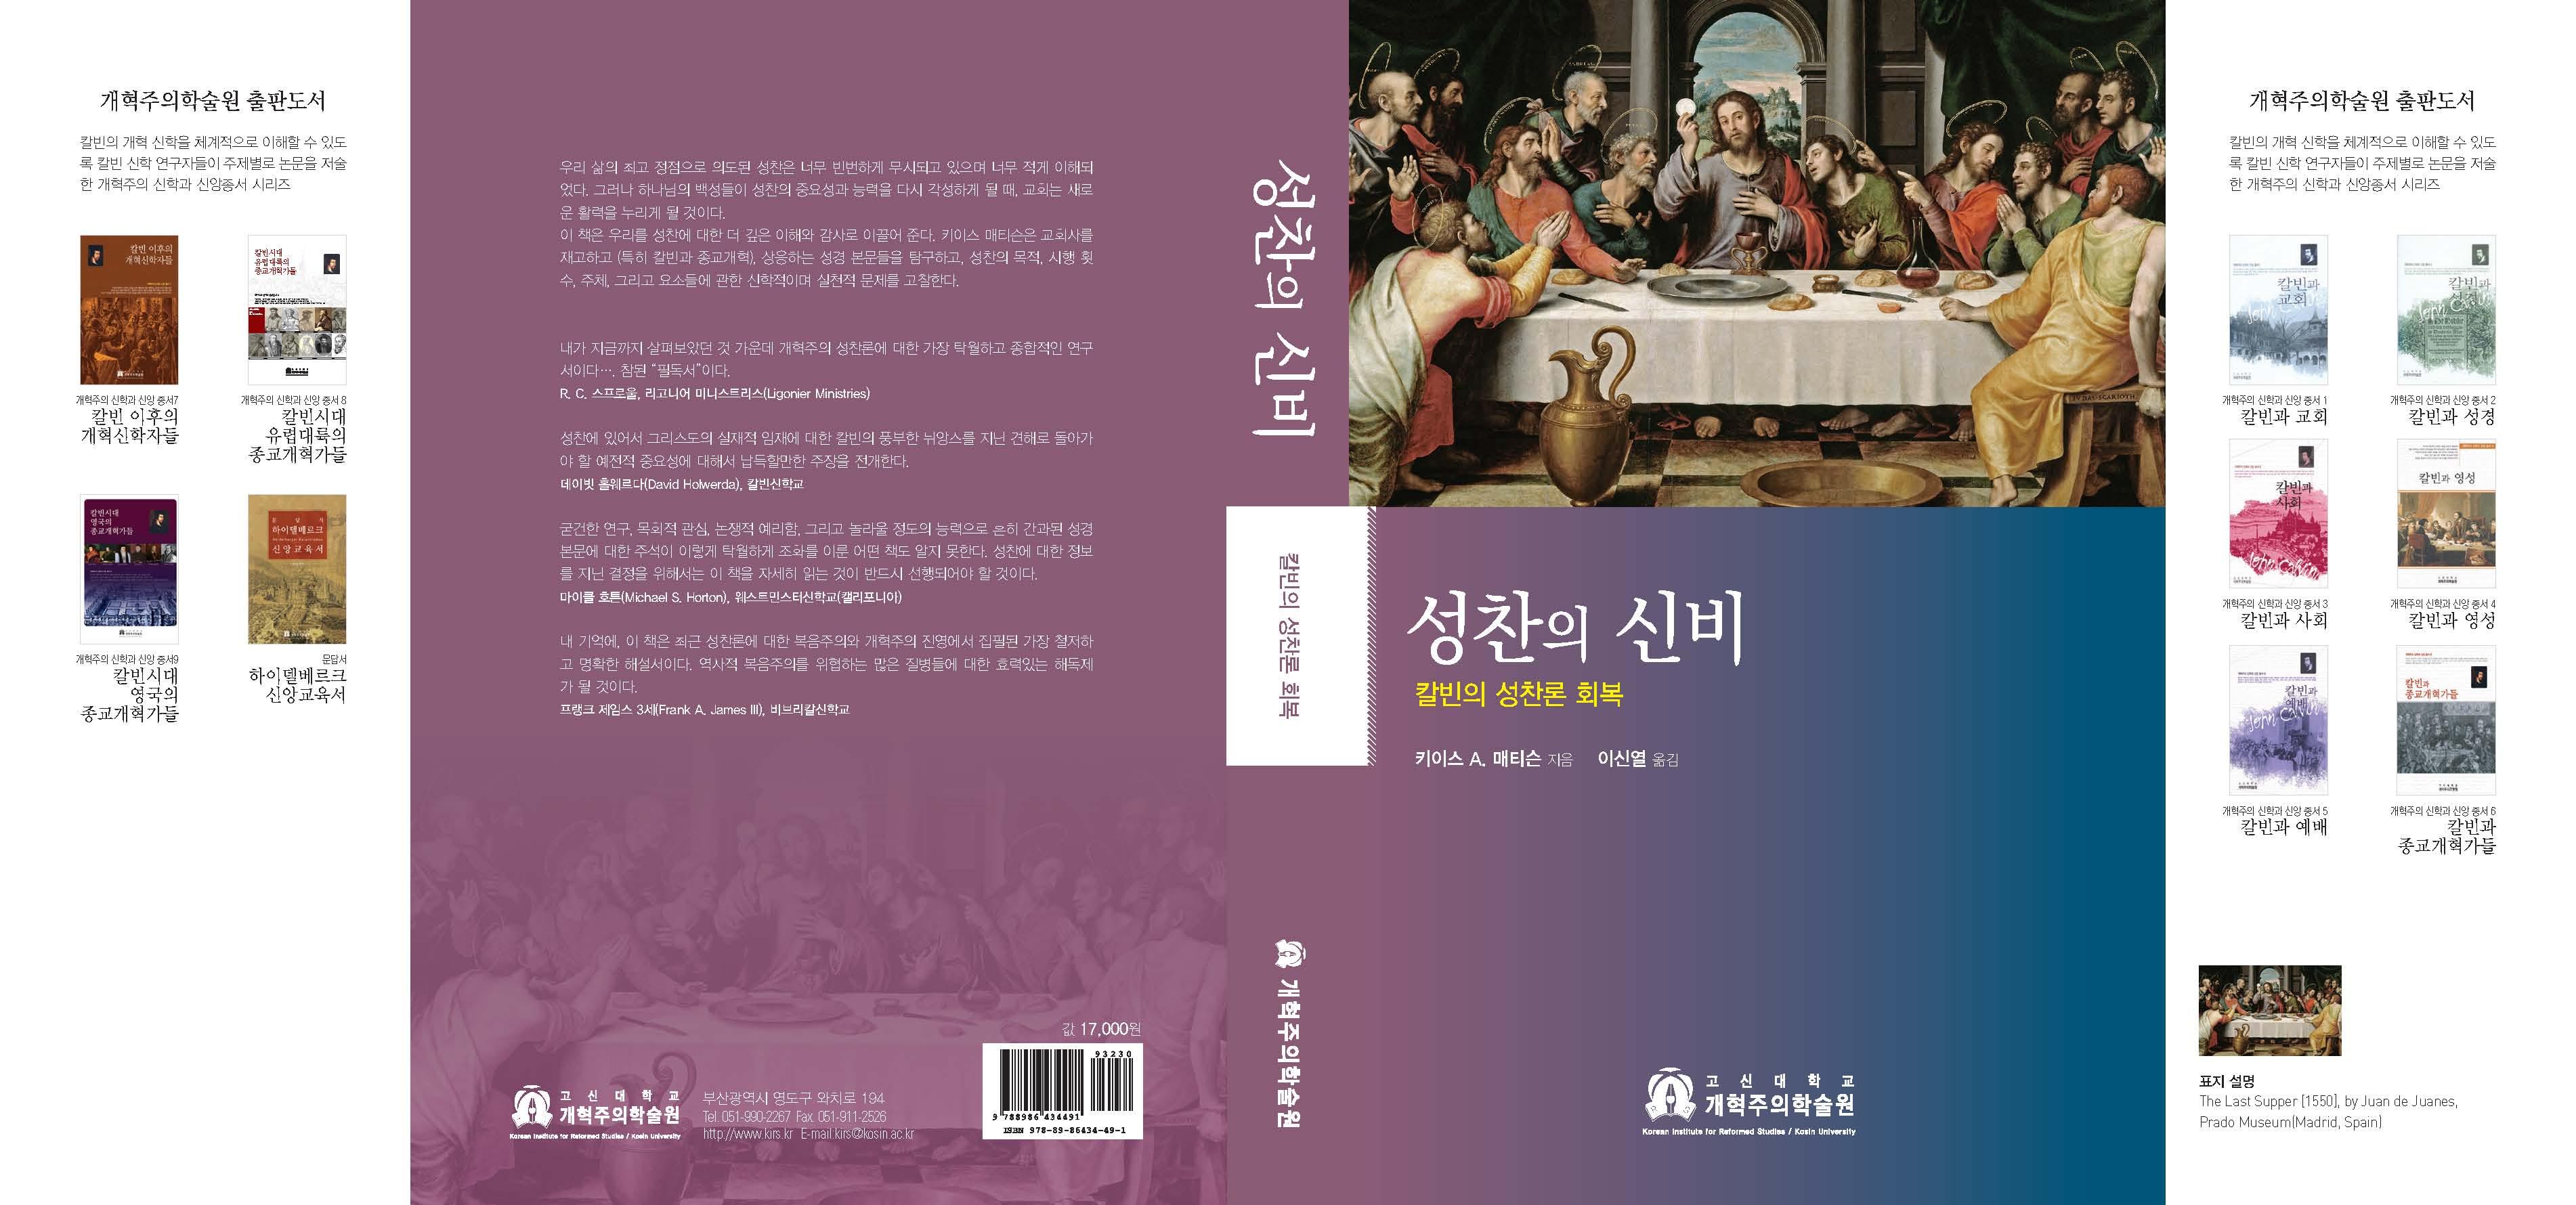 8.28성찬의신비표지최종수정.jpg